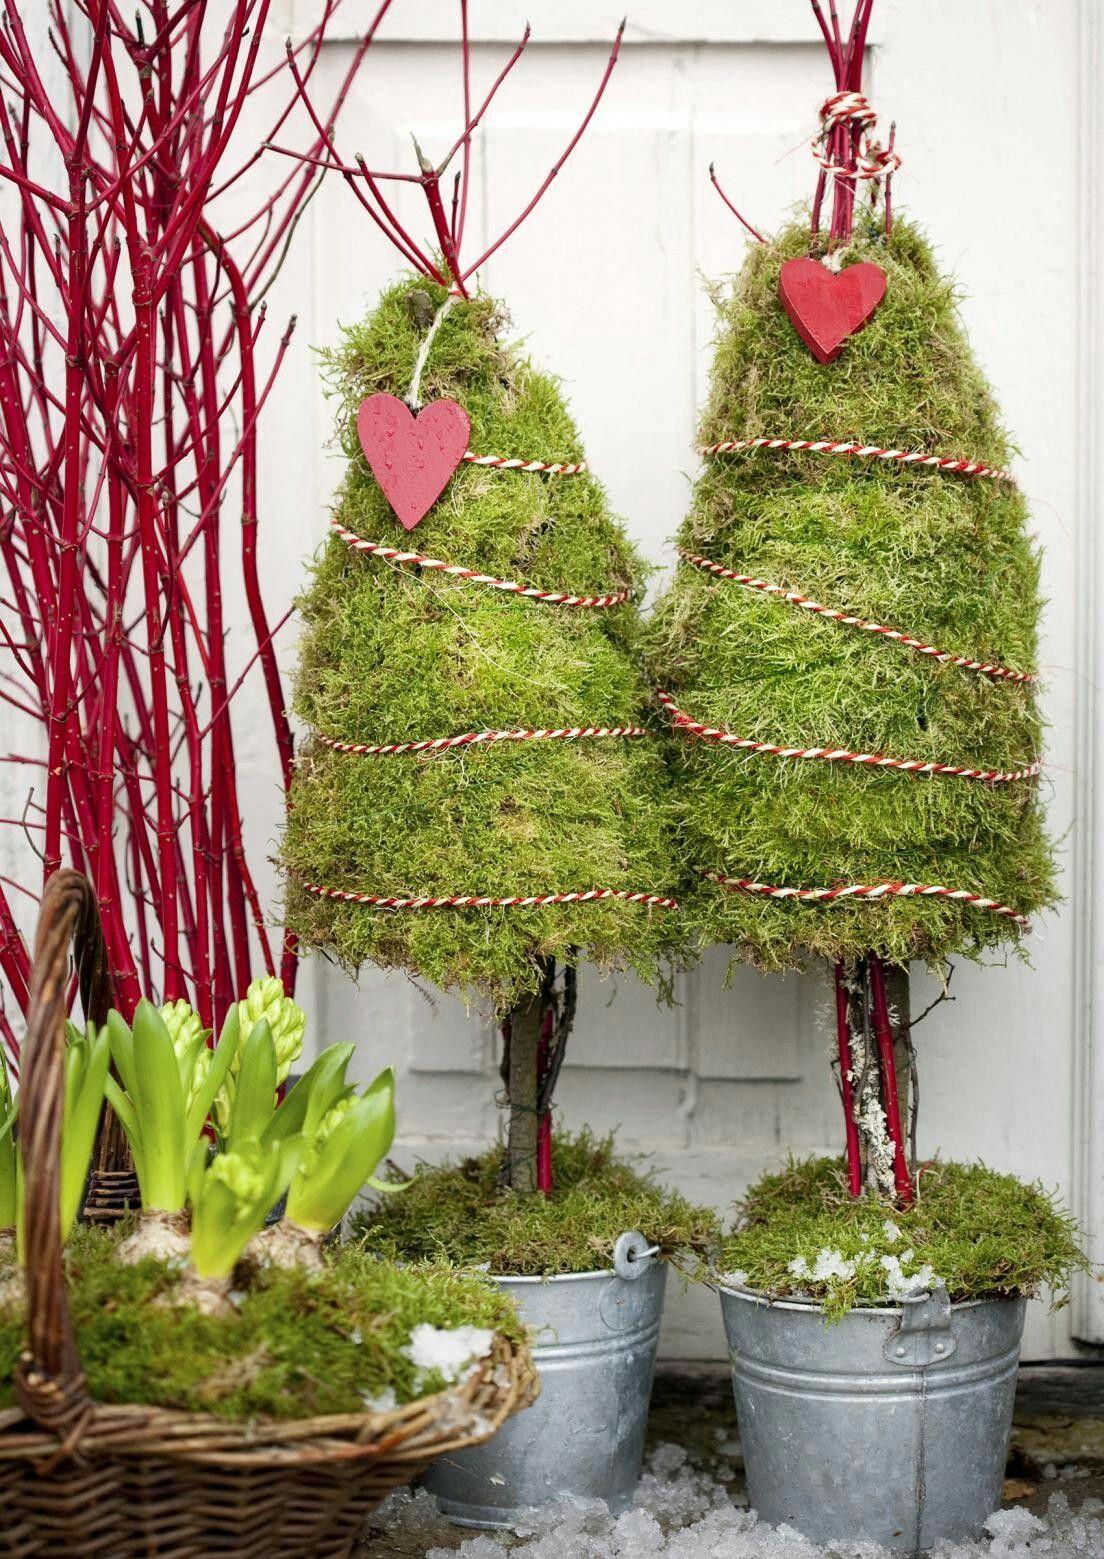 Pin by Heikku K on Talvinen piha ja puutarha | Pinterest | Christmas ...